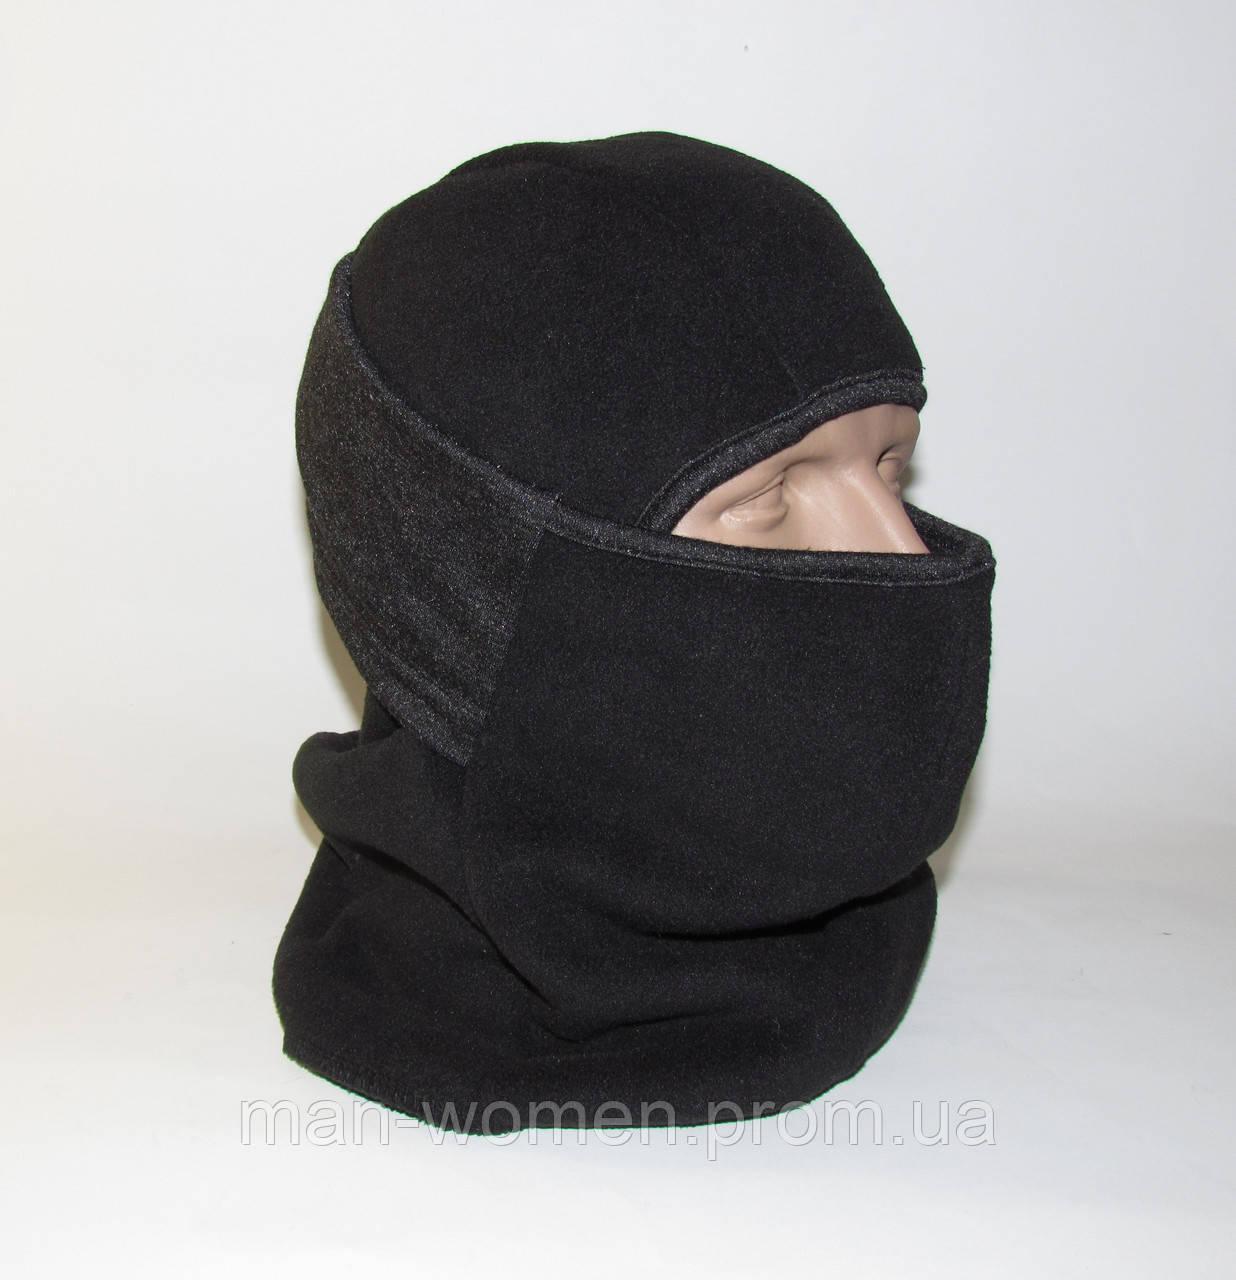 Балаклава (підшоломник, маска, шарф). Дуже тепла (до-40С)! Фліс на хутрі!